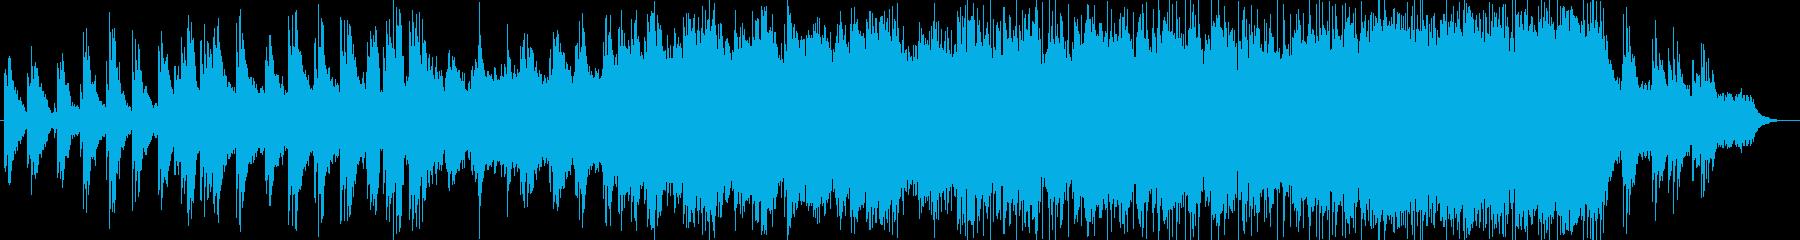 ピアノとストリングスの壮大なポップスの再生済みの波形